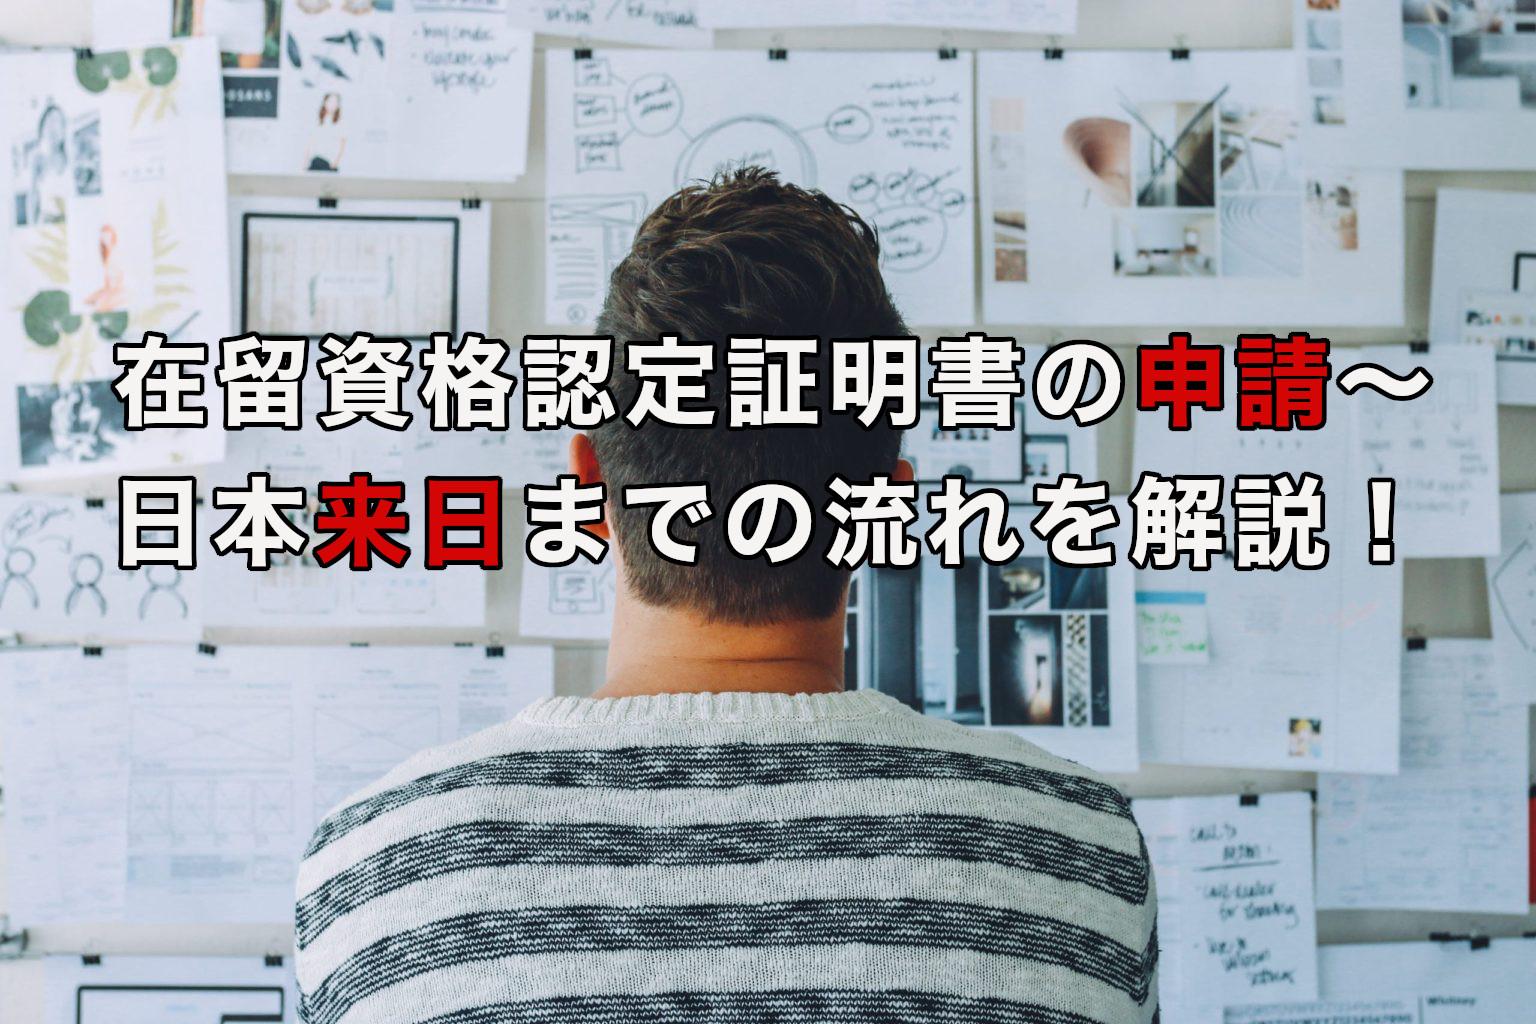 【静岡県の行政書士】在留資格認定証明書交付申請から日本来日までの流れを解説